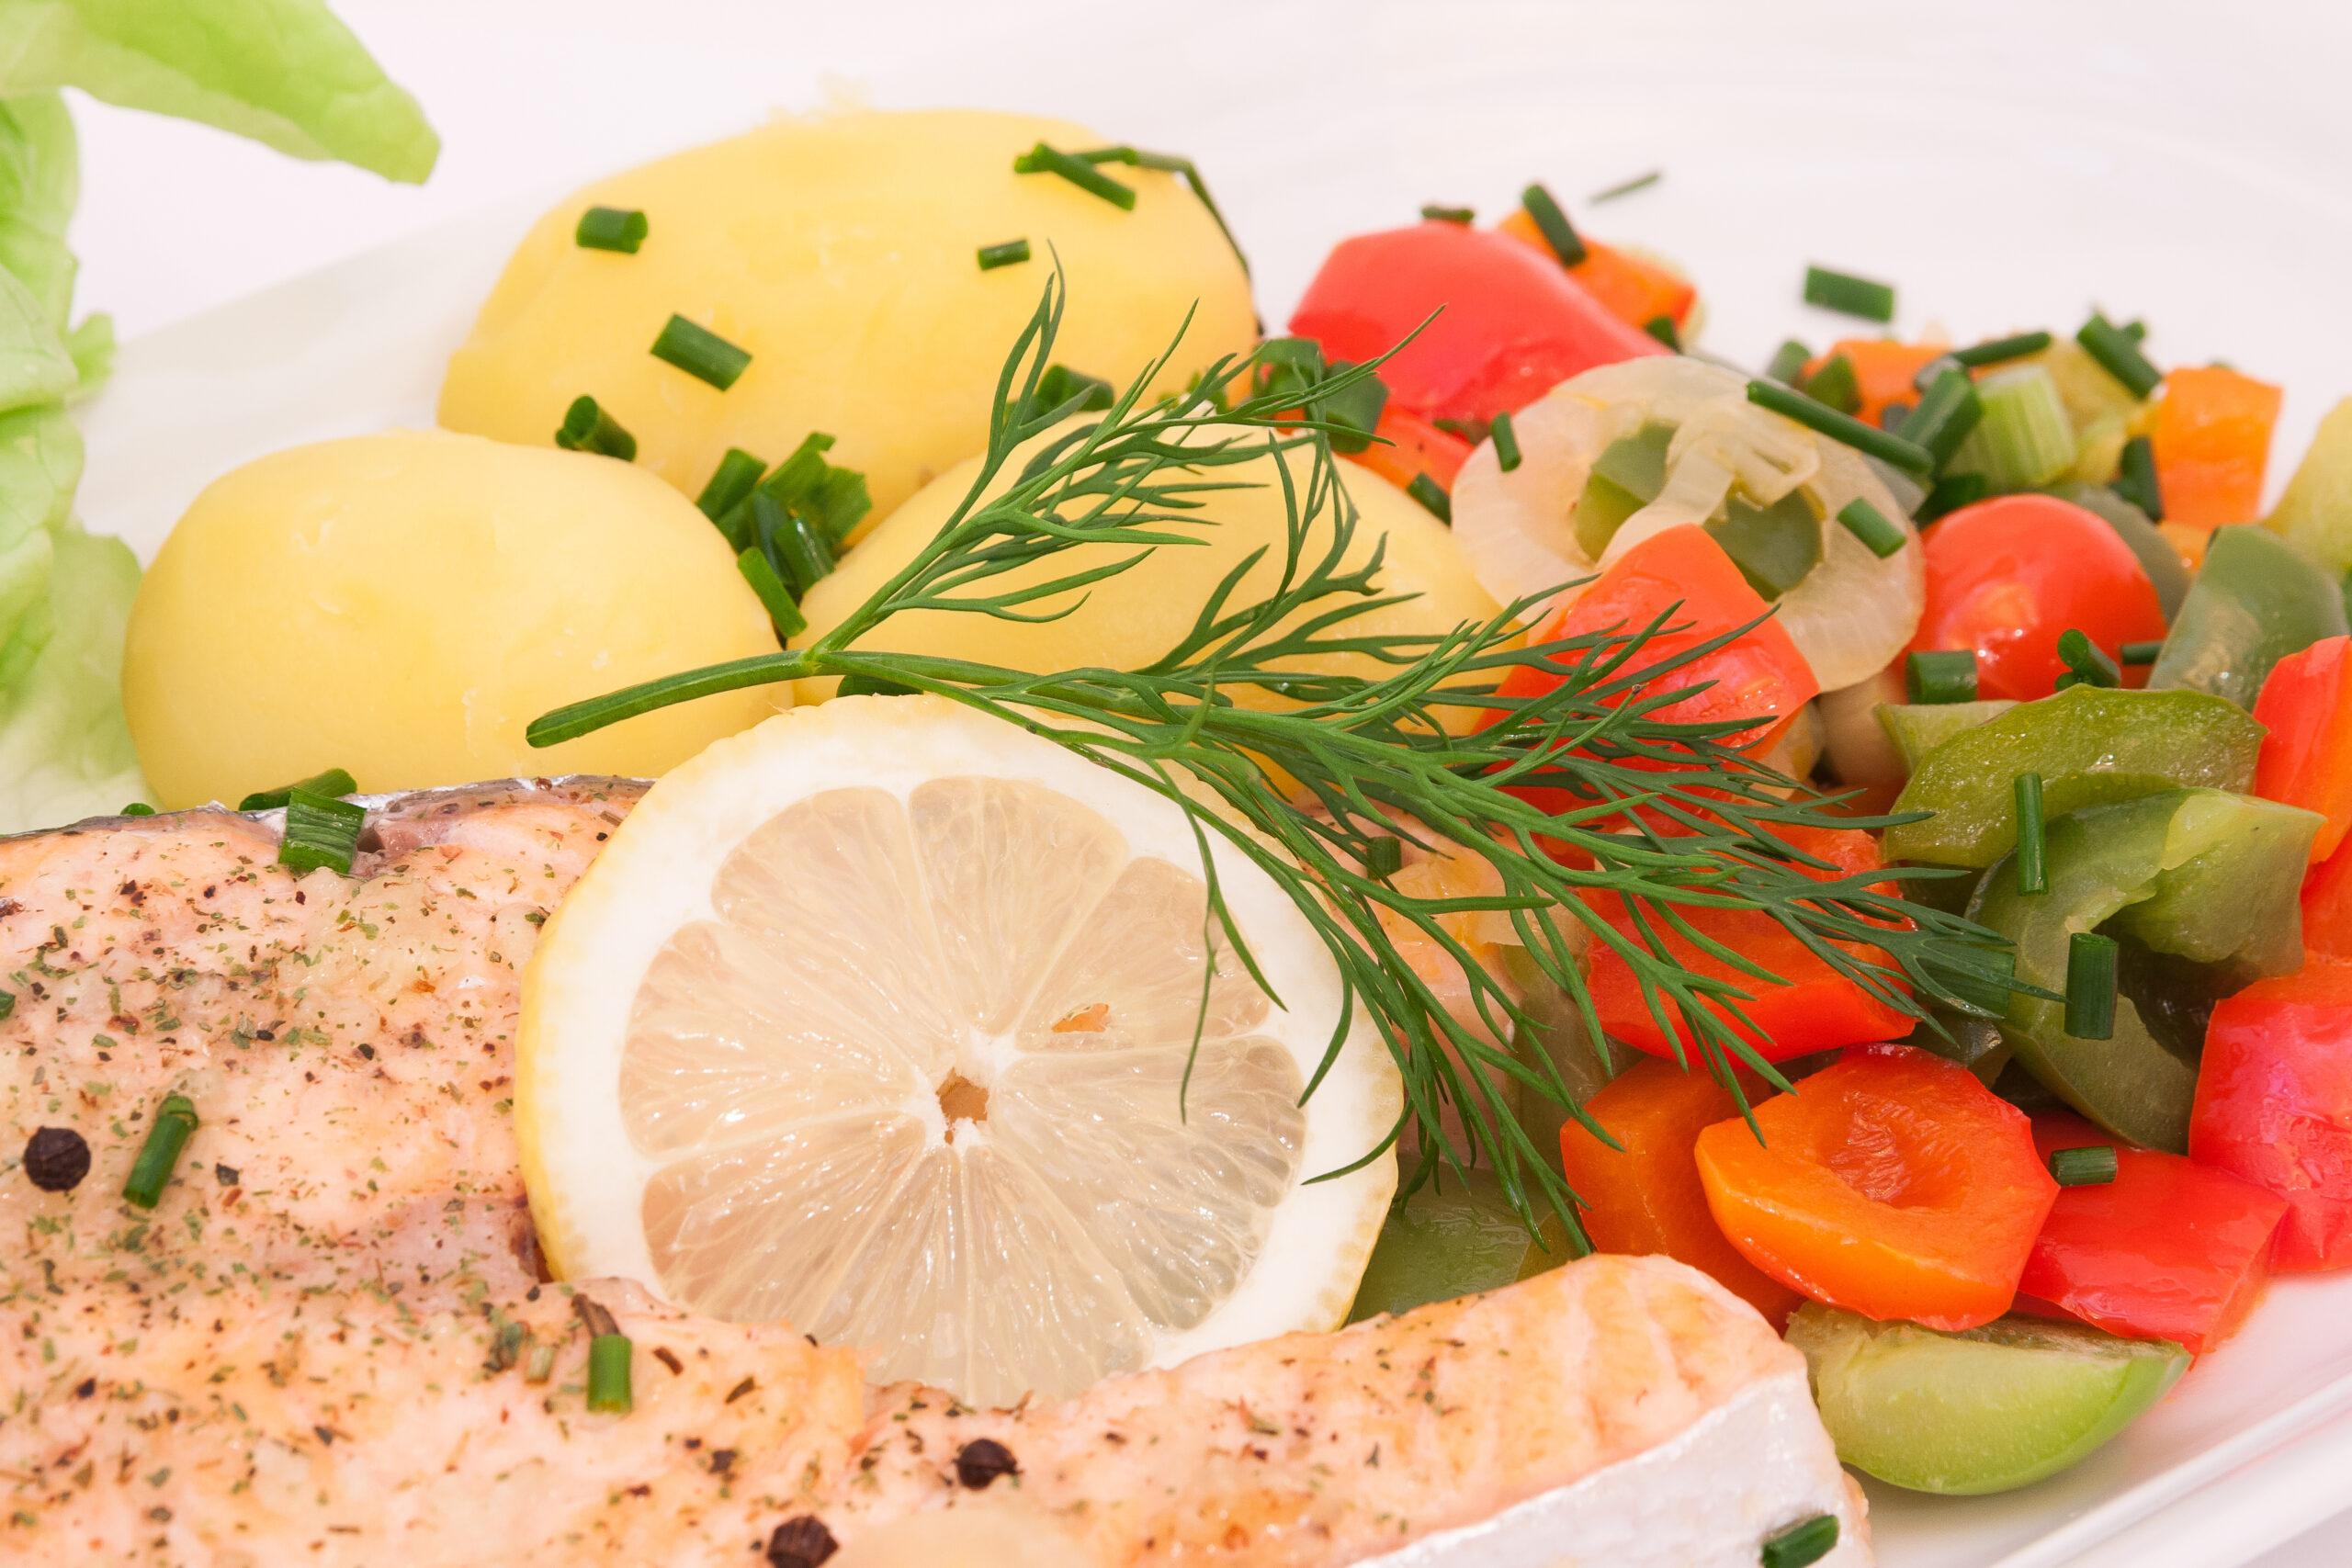 Pescado en colchón de verduras